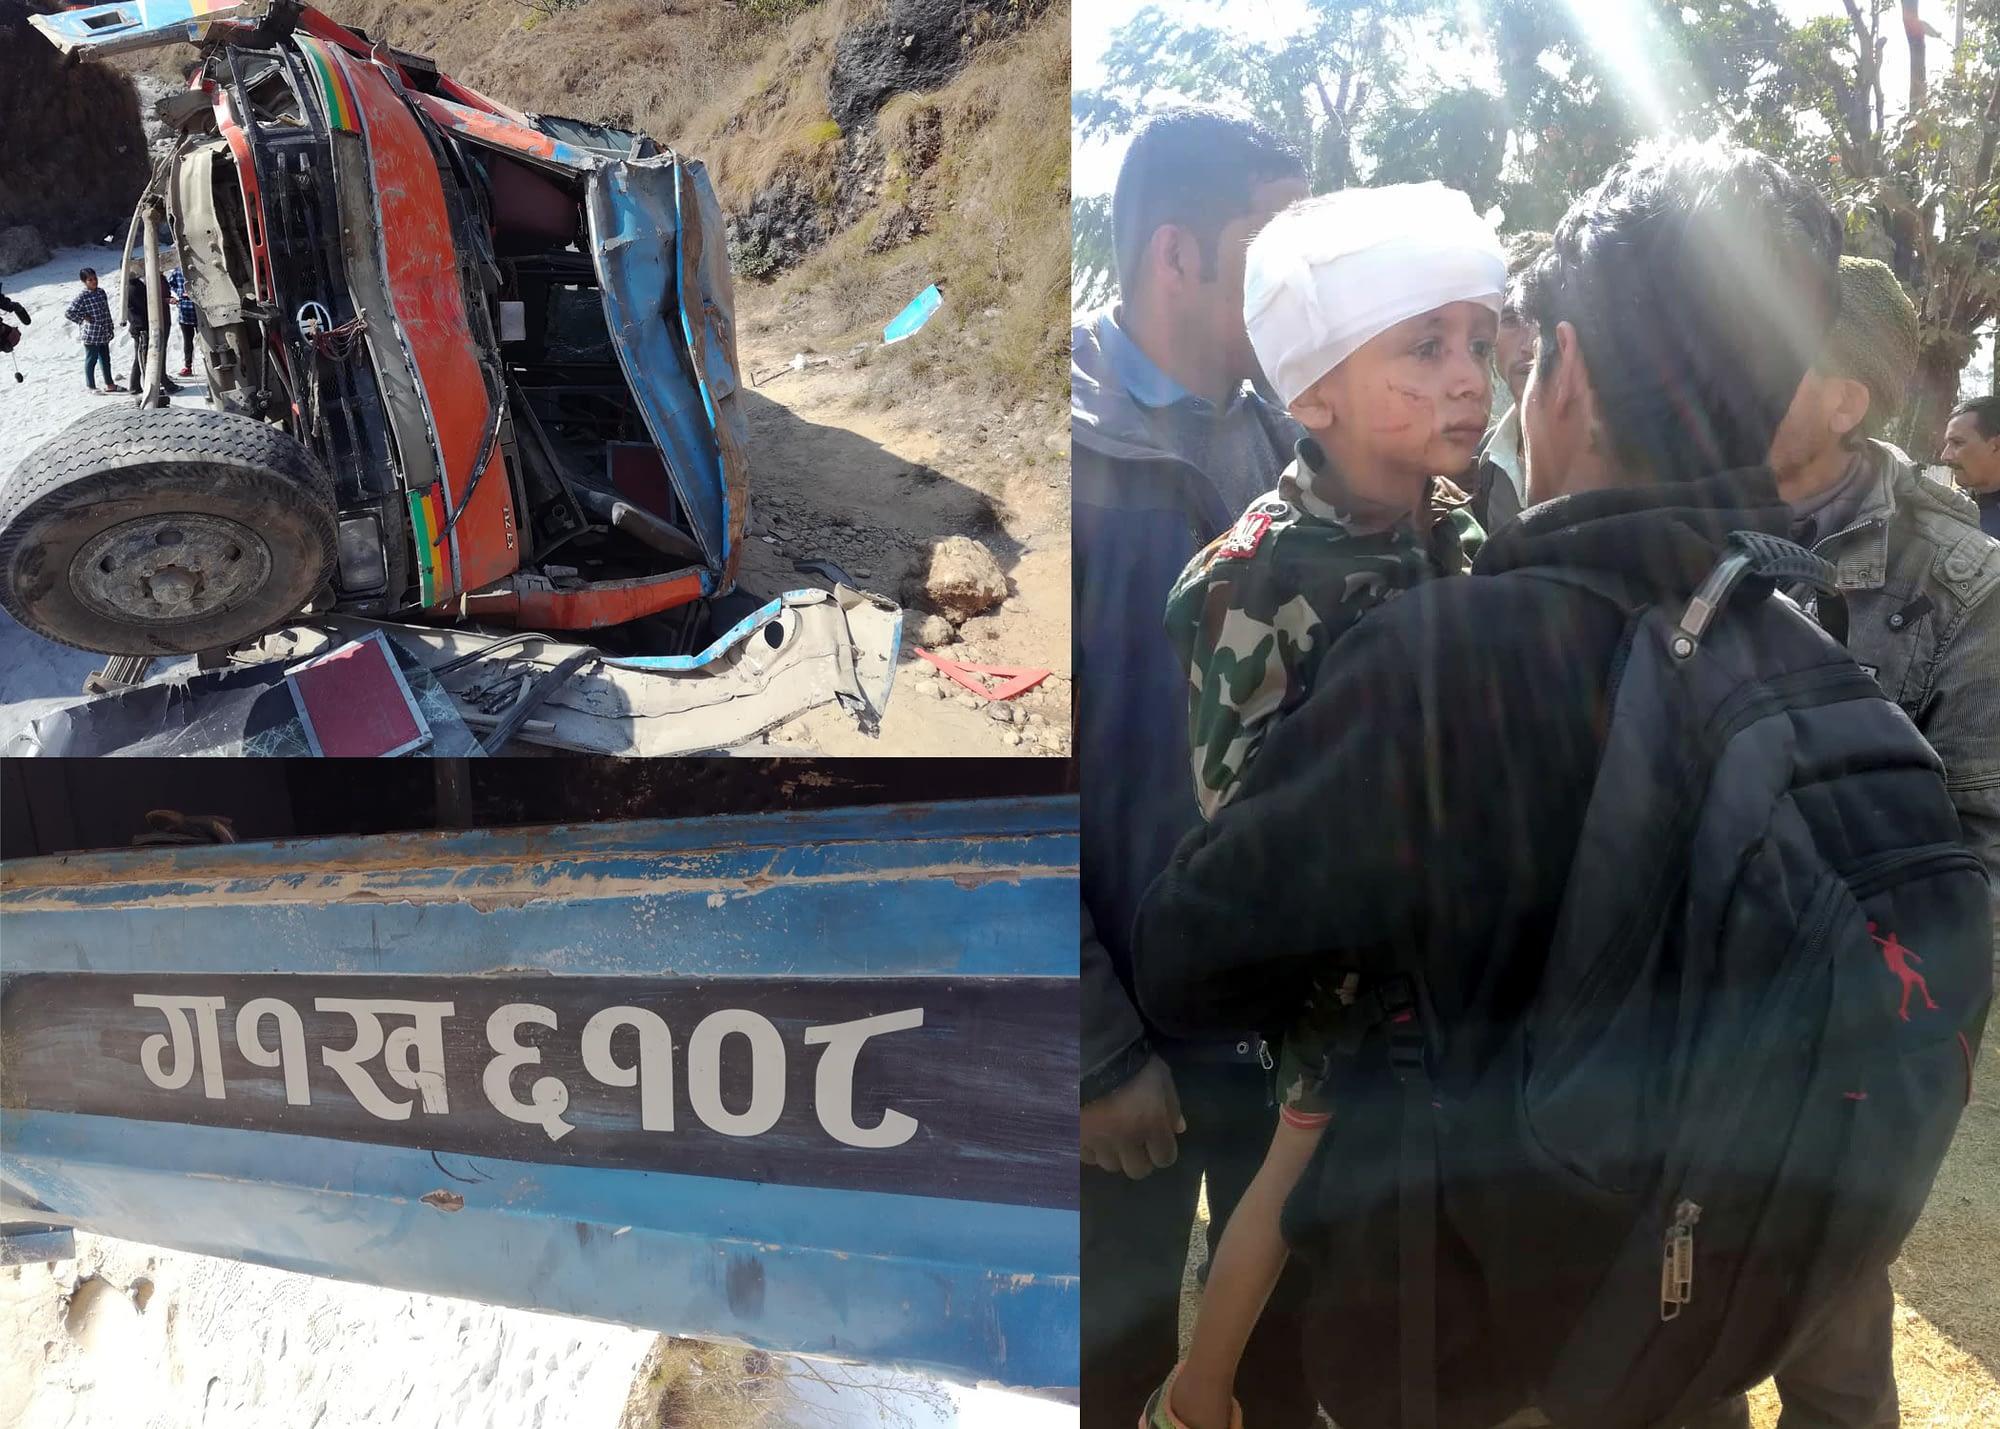 पर्वतमा बस दुर्घटना,७ जनाको मृत्यु, २० जनाभन्दा बढी गम्भिर घाईते